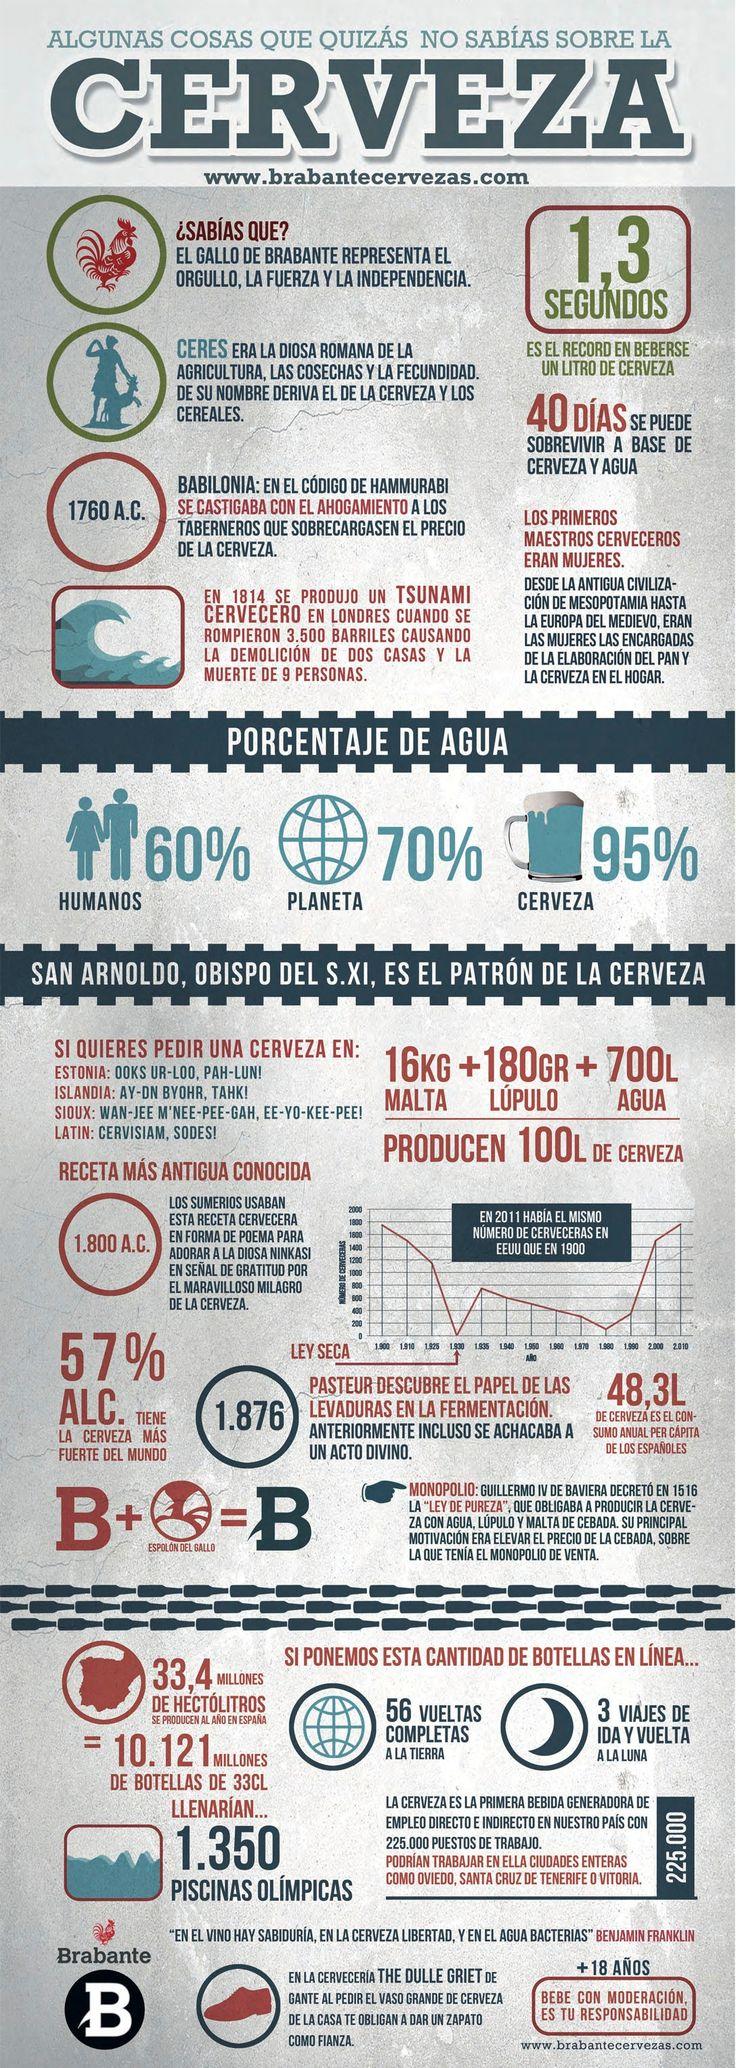 Algunas cosas que no sabías sobre la cerveza #infografia #infographic y en Canadian están las más frías!